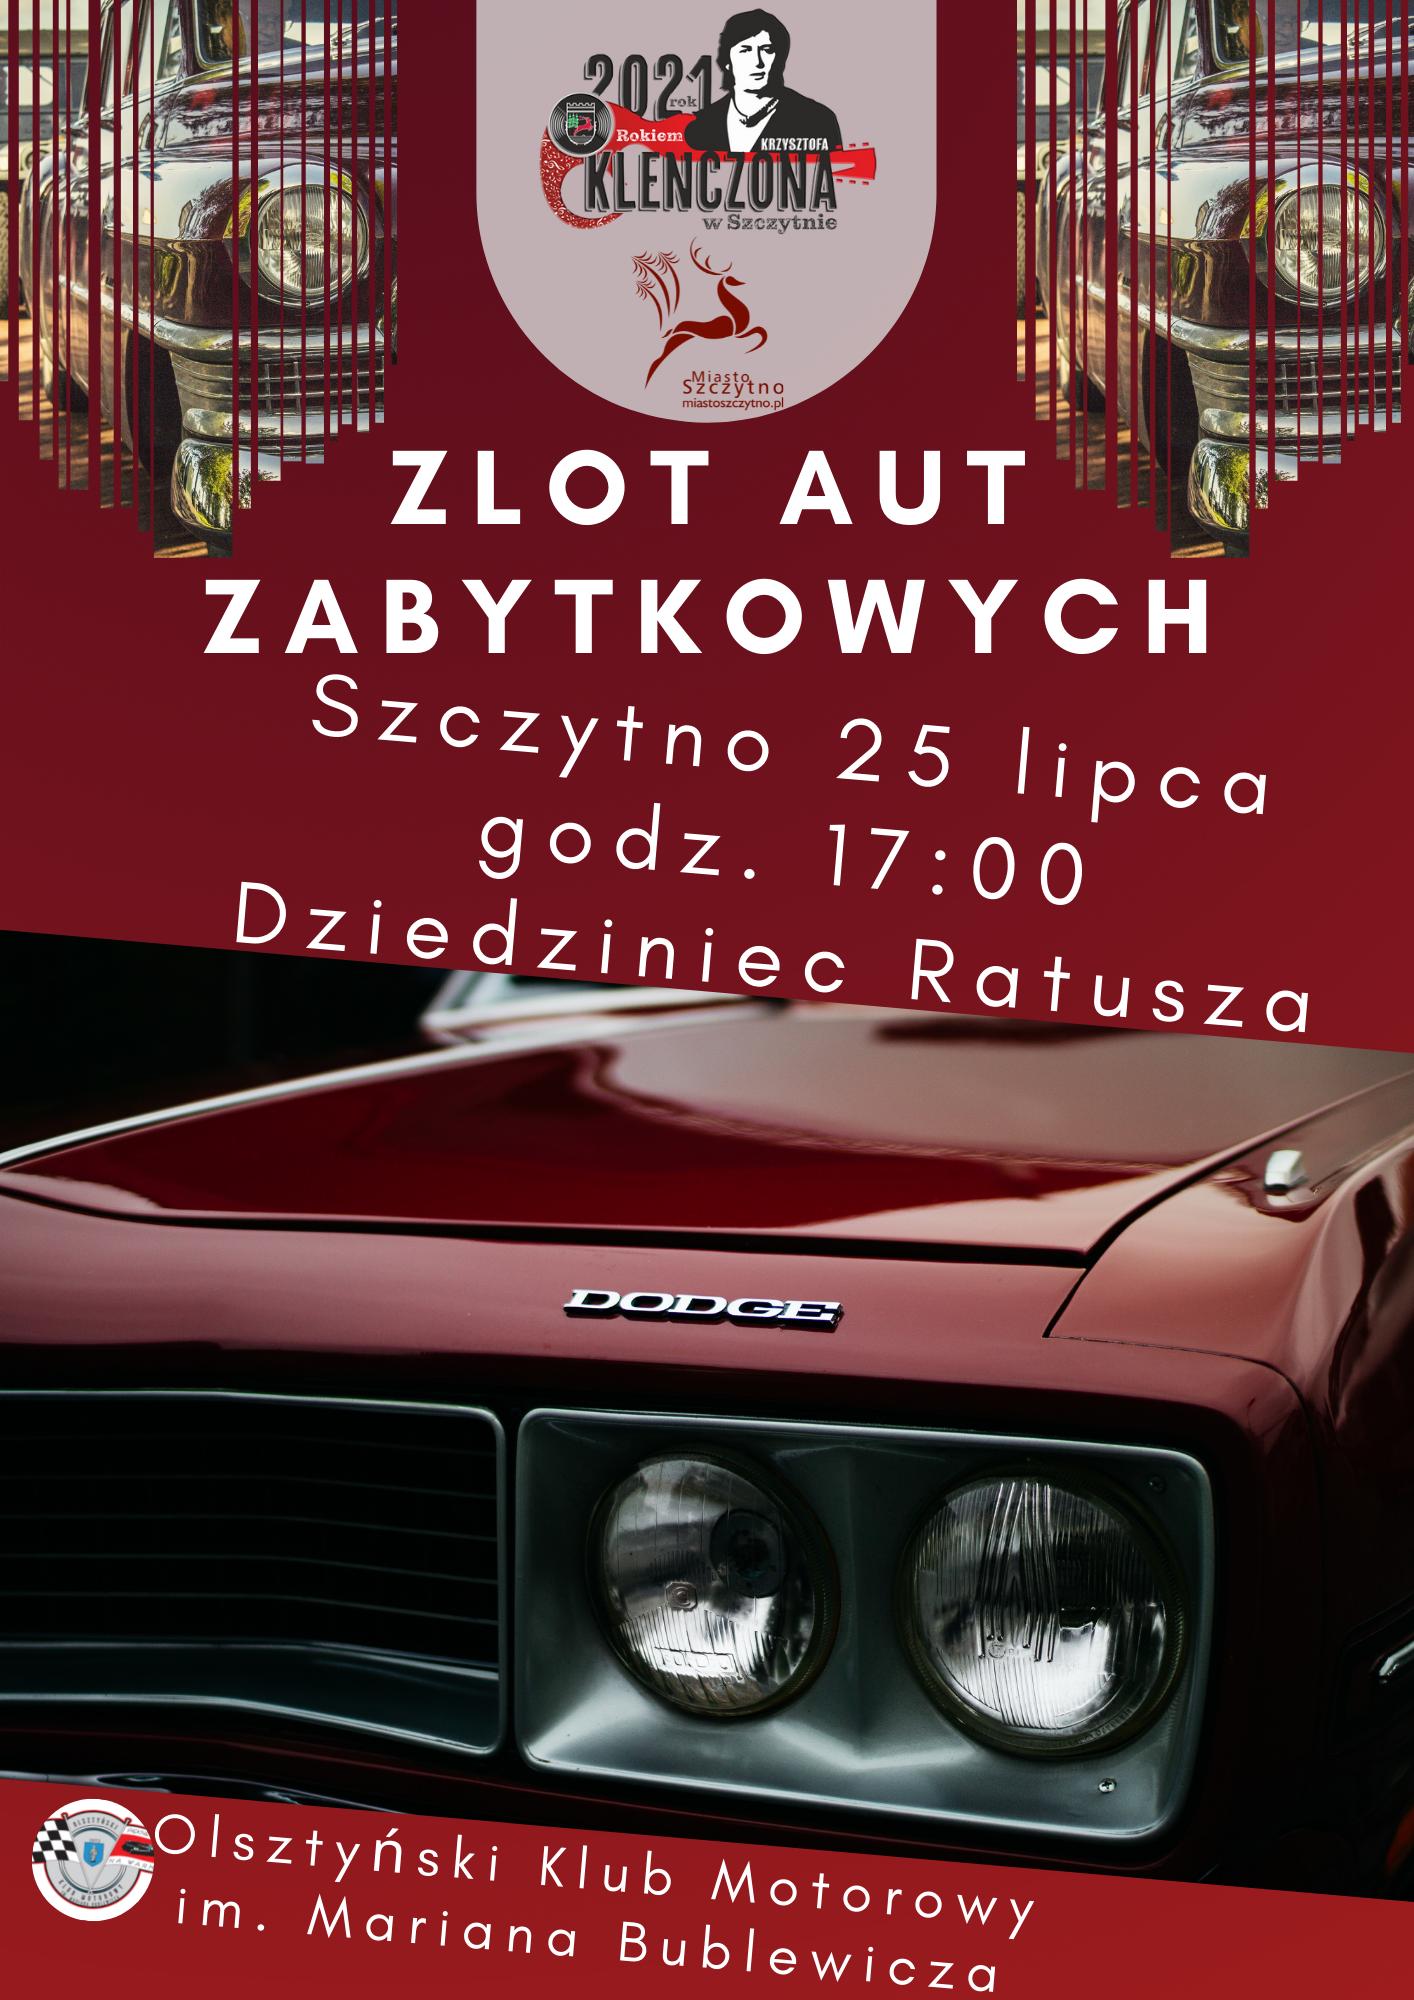 https://m.powiatszczycienski.pl/2021/07/orig/zlot-aut-zabytkowych-42123.png